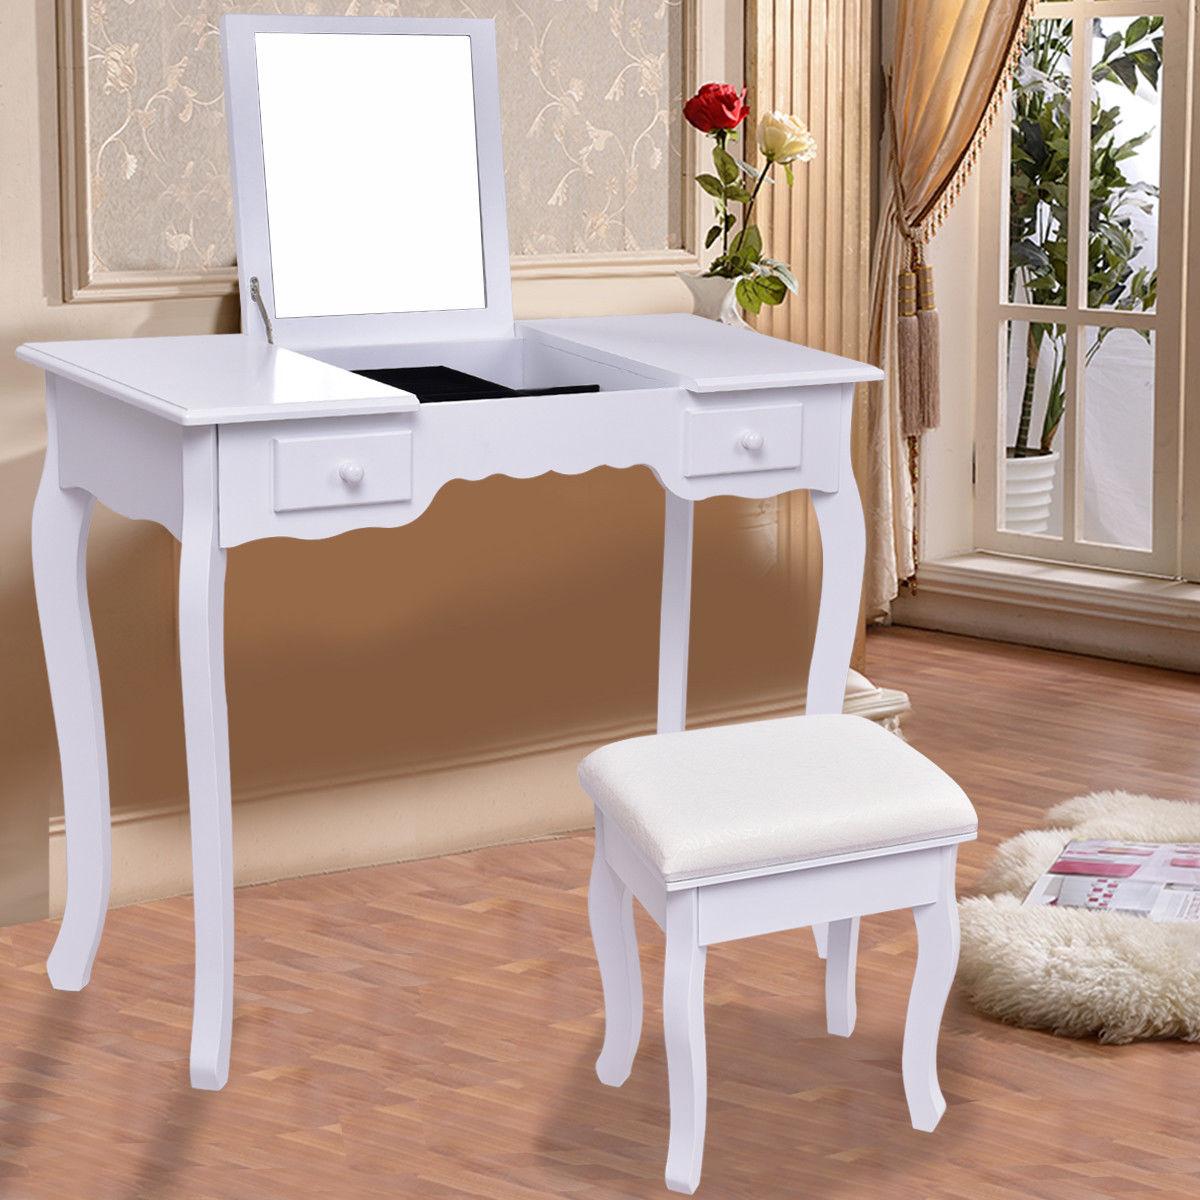 giantex blanc vanite coiffeuse ensemble miroir salle de bains meubles avec tabouret table moderne make up commodes bureau hw56231wh dans commodes de meubles